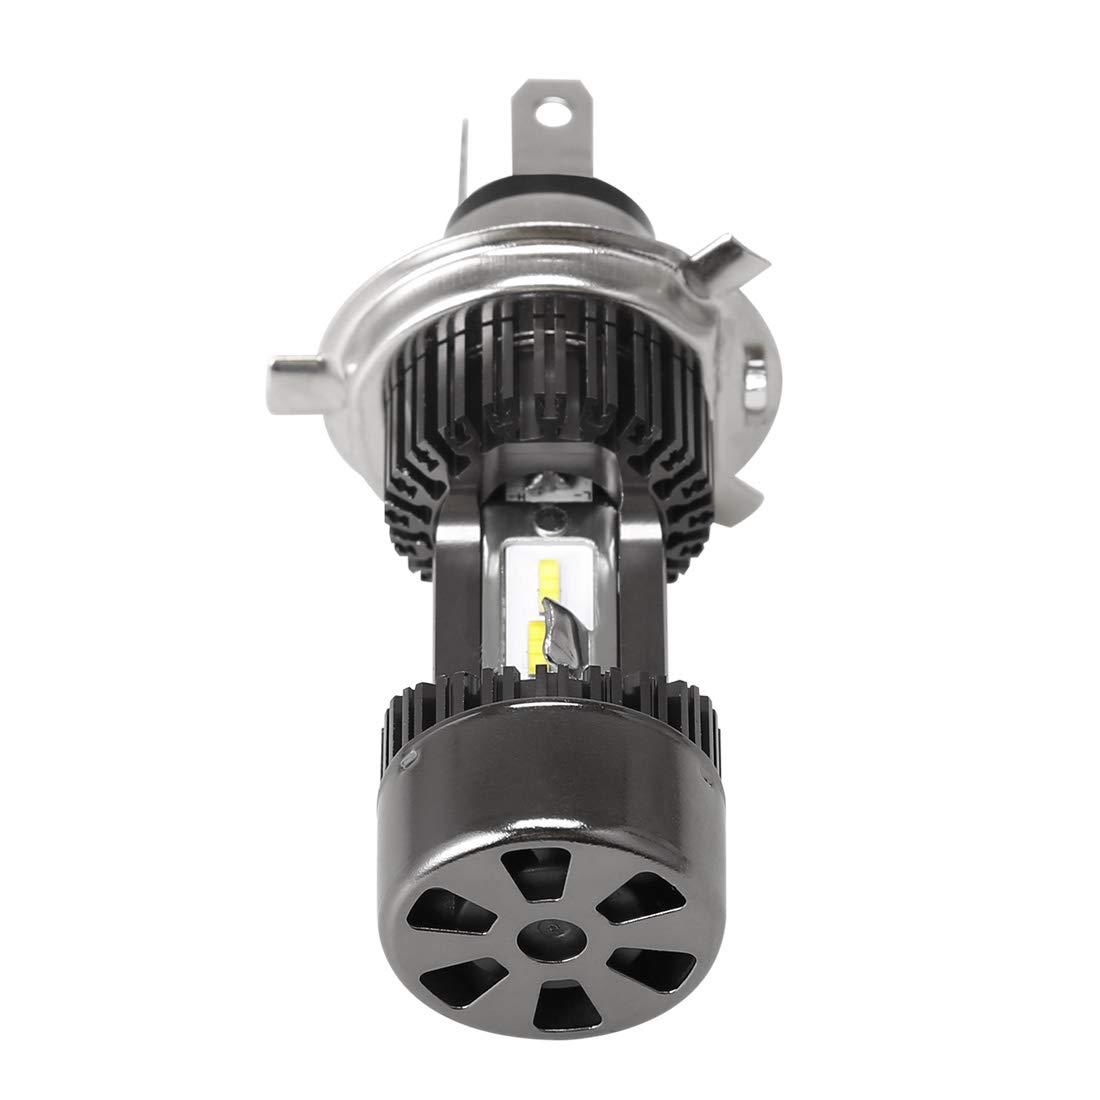 SUPAREE H4 LED Ampoule de Phare 12V-24V 6500K 30W IP 68 6400 LM pour Moto